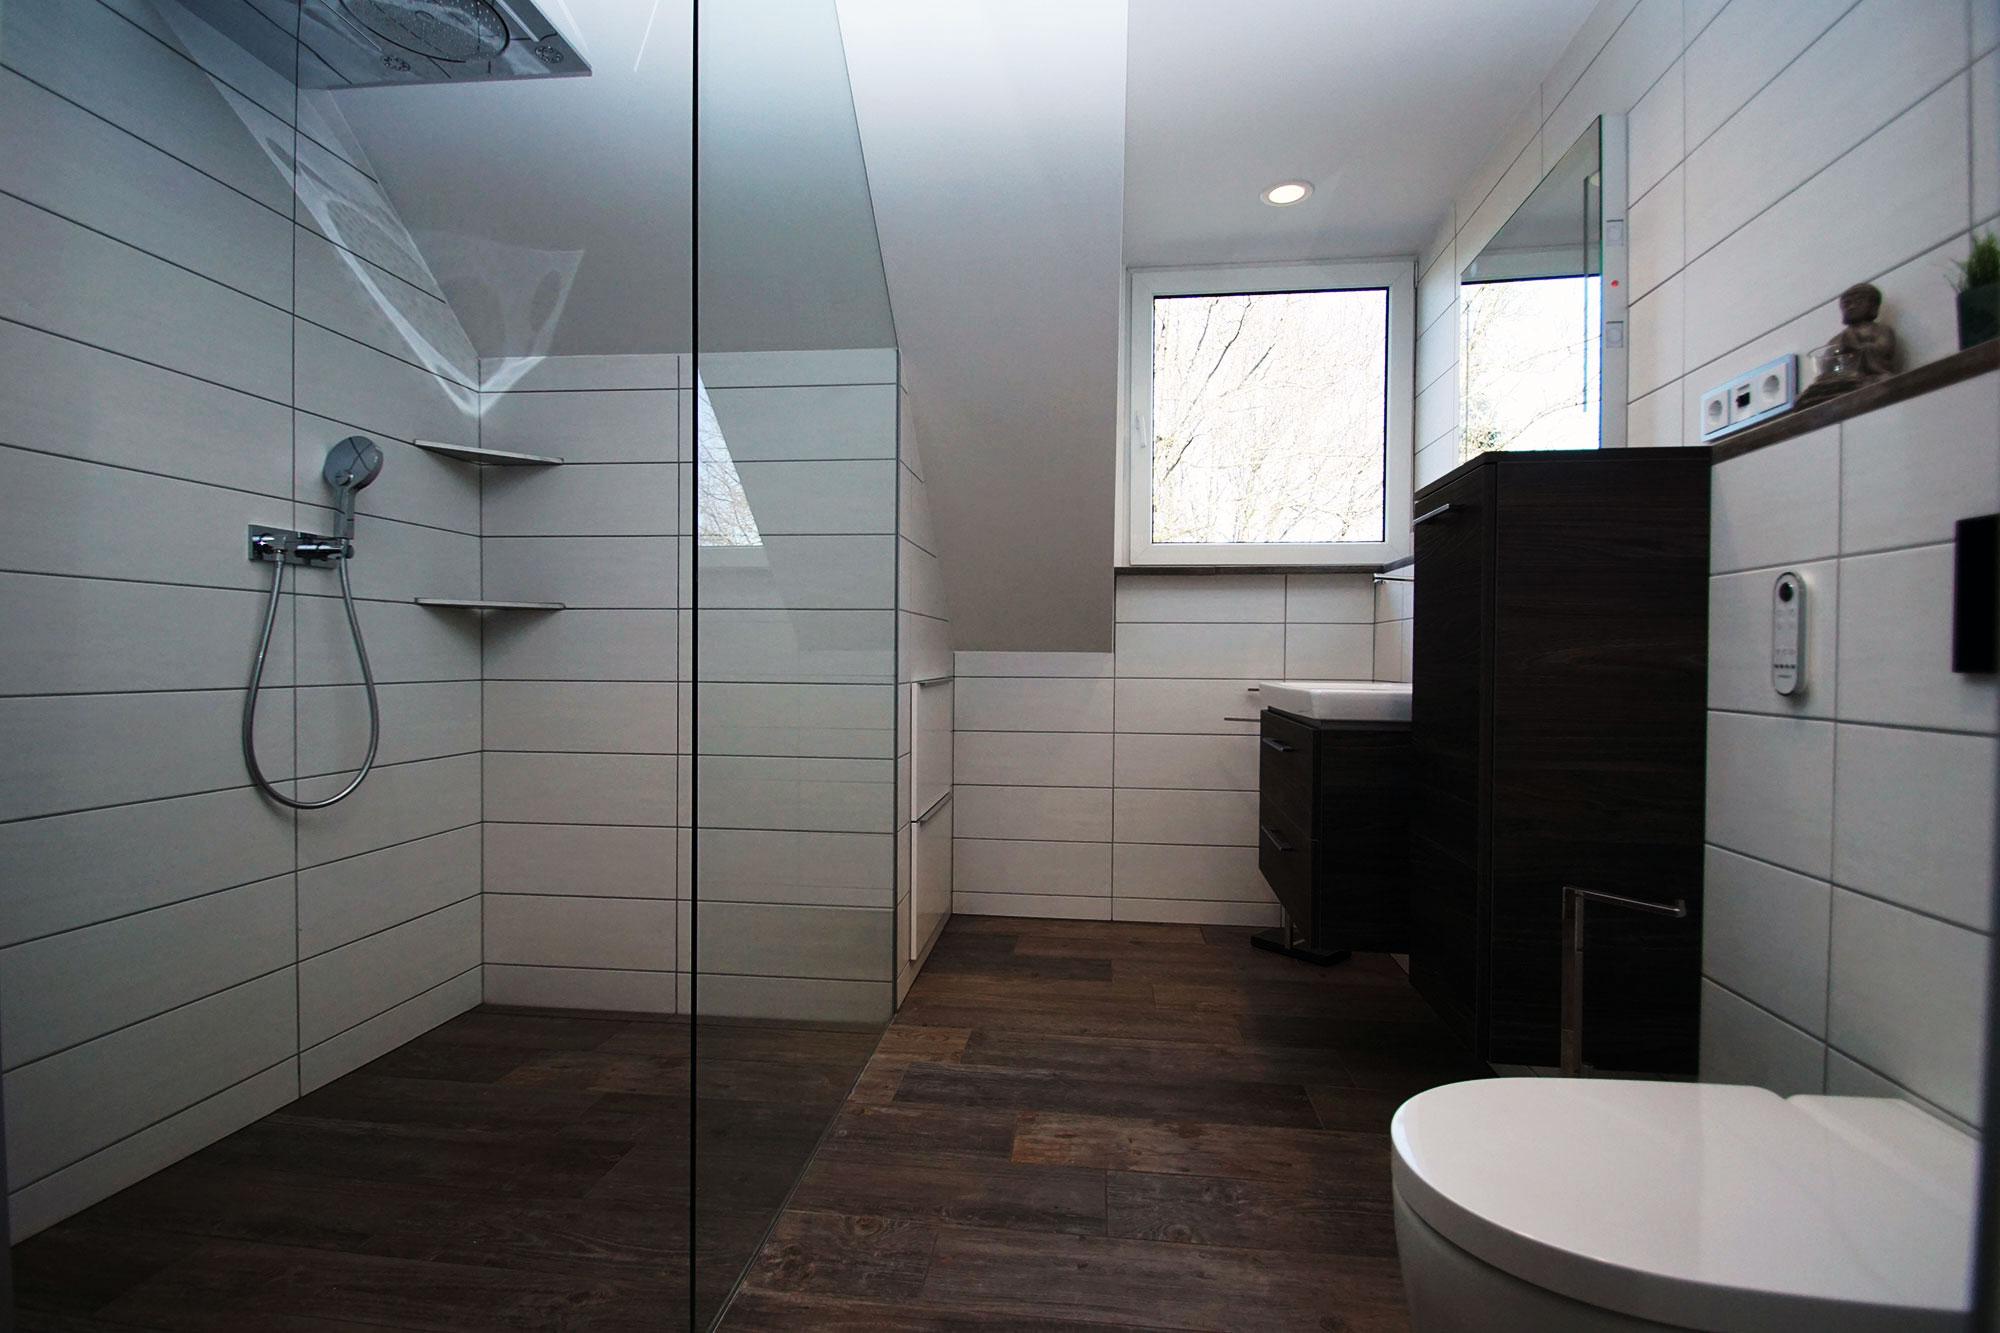 Badezimmer in Kaldenkirchen - Roland Kemp